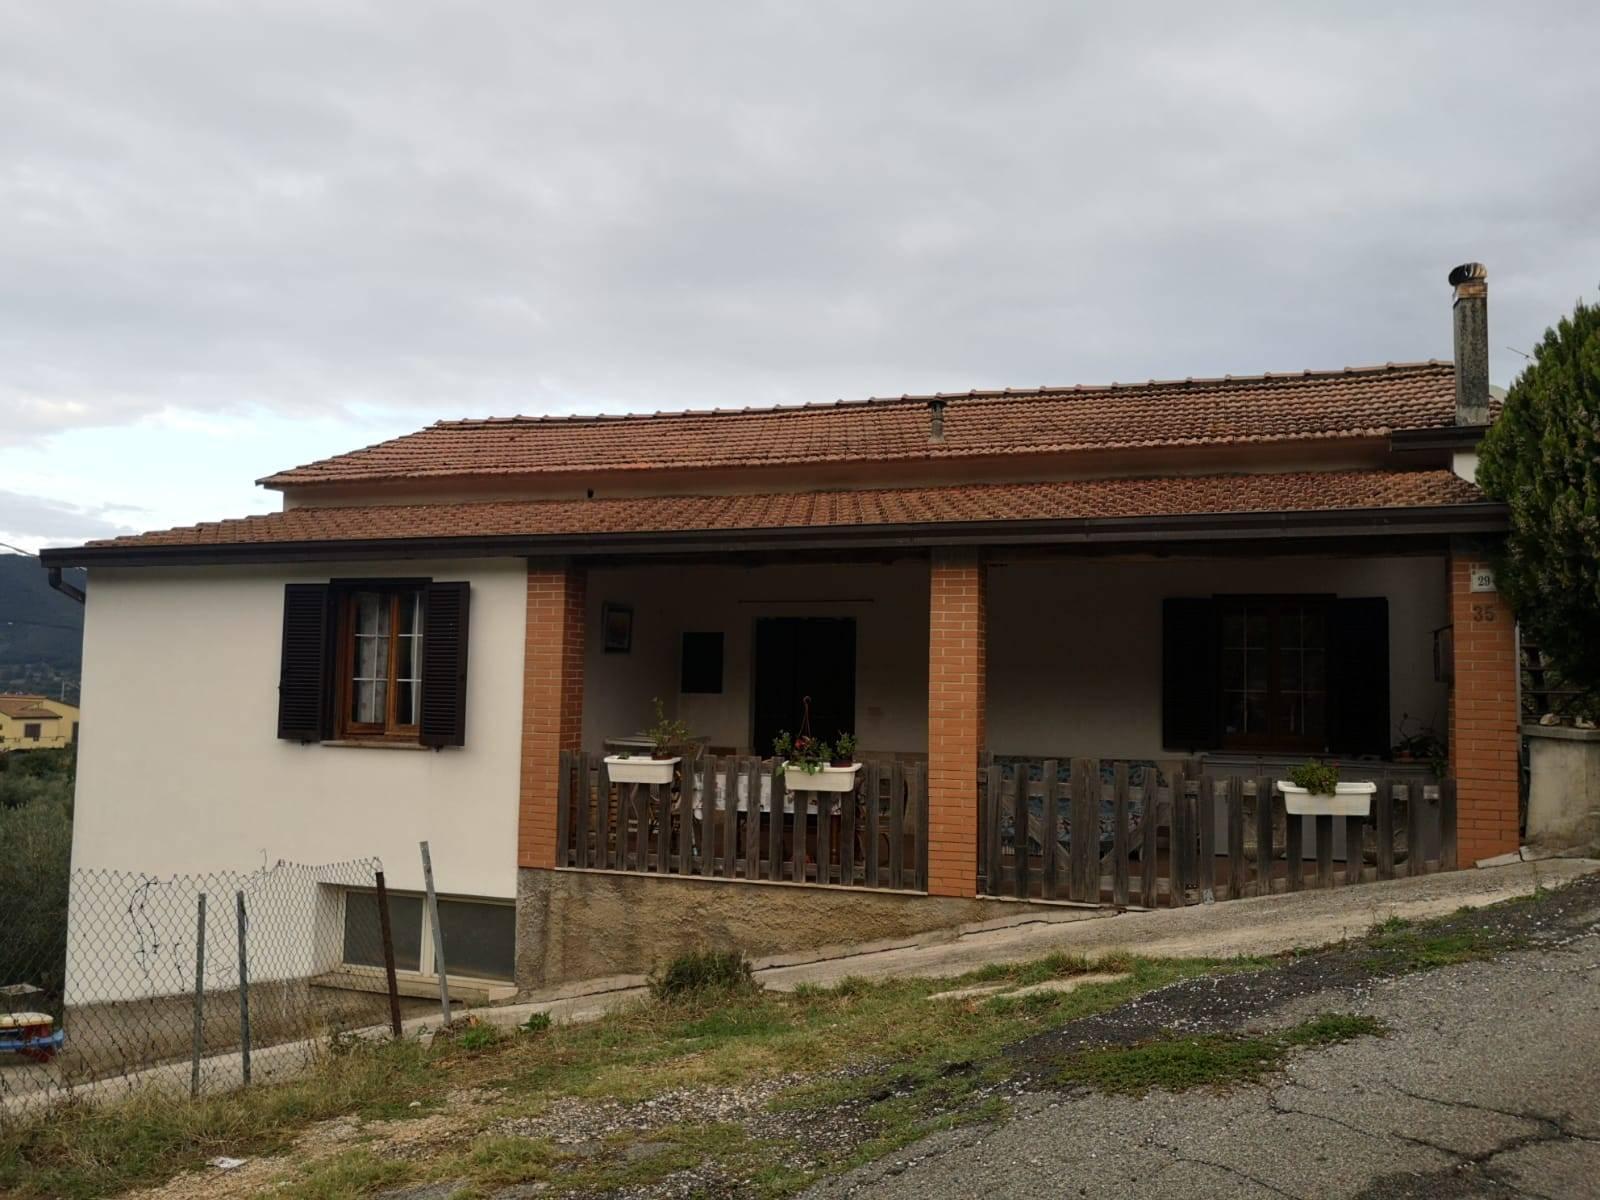 Soluzione Indipendente in vendita a Montelanico, 3 locali, prezzo € 150.000 | CambioCasa.it